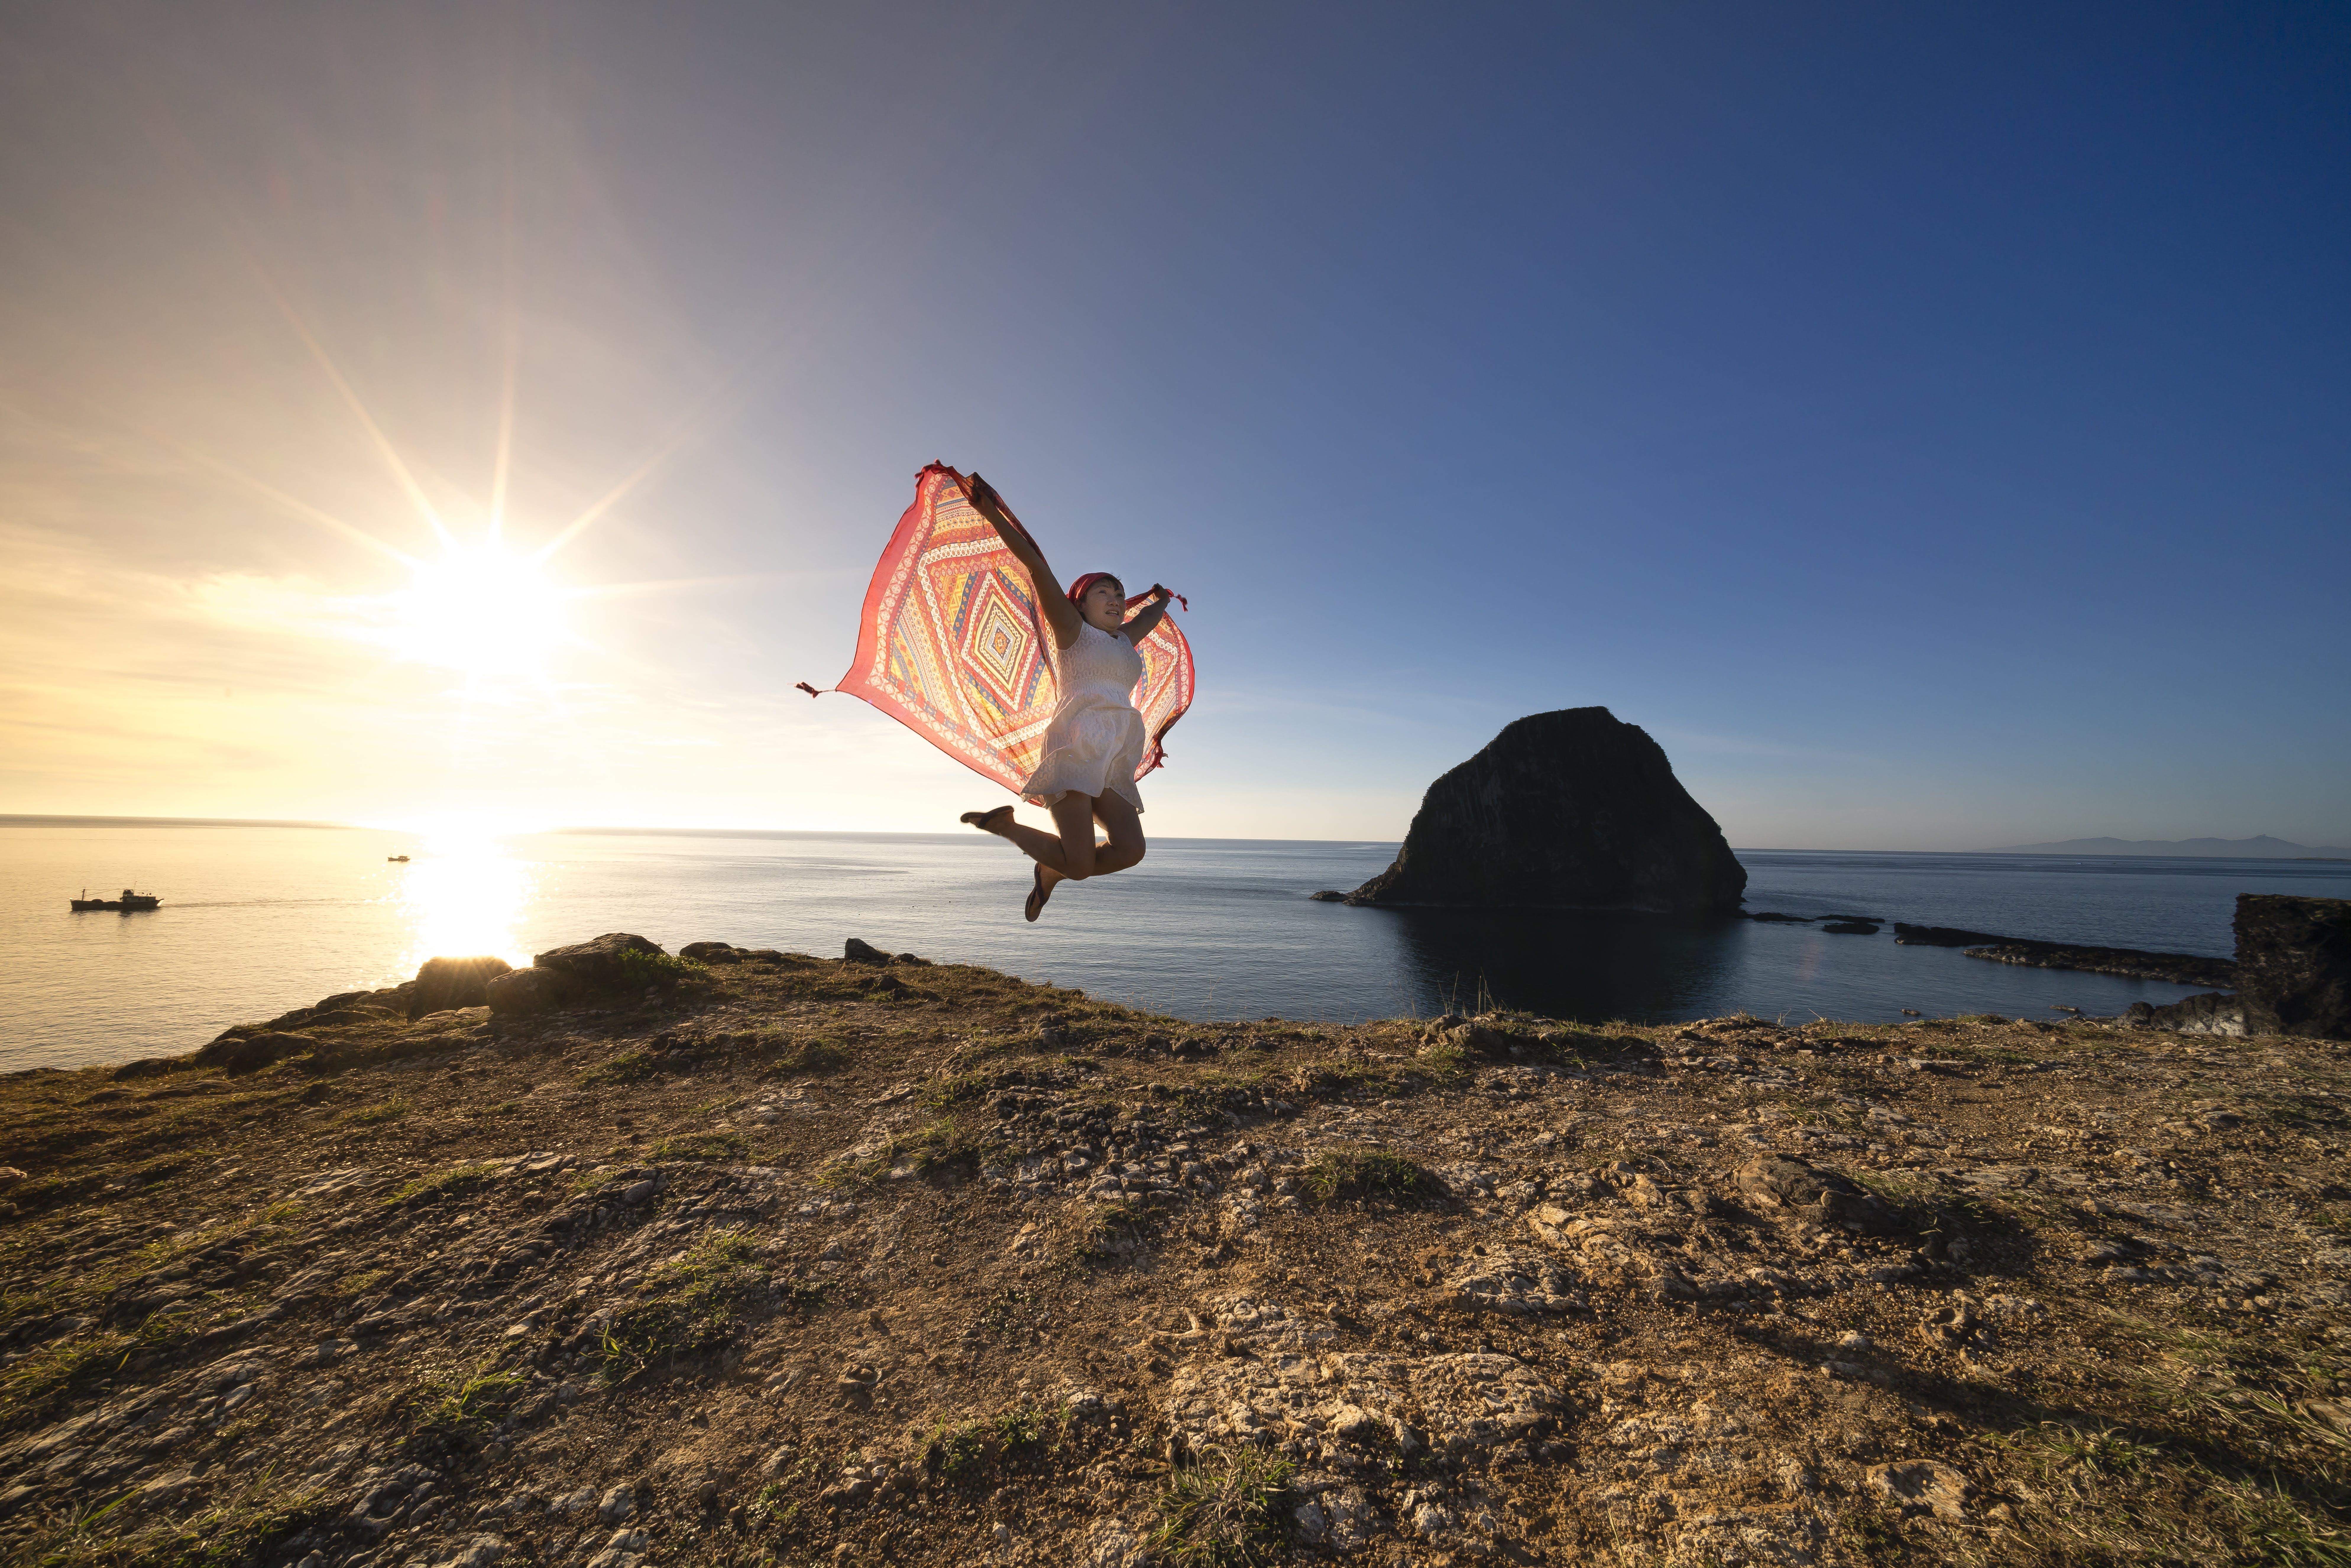 Fotos de stock gratuitas de al aire libre, lanzamiento en suspensión, mar, Oceano